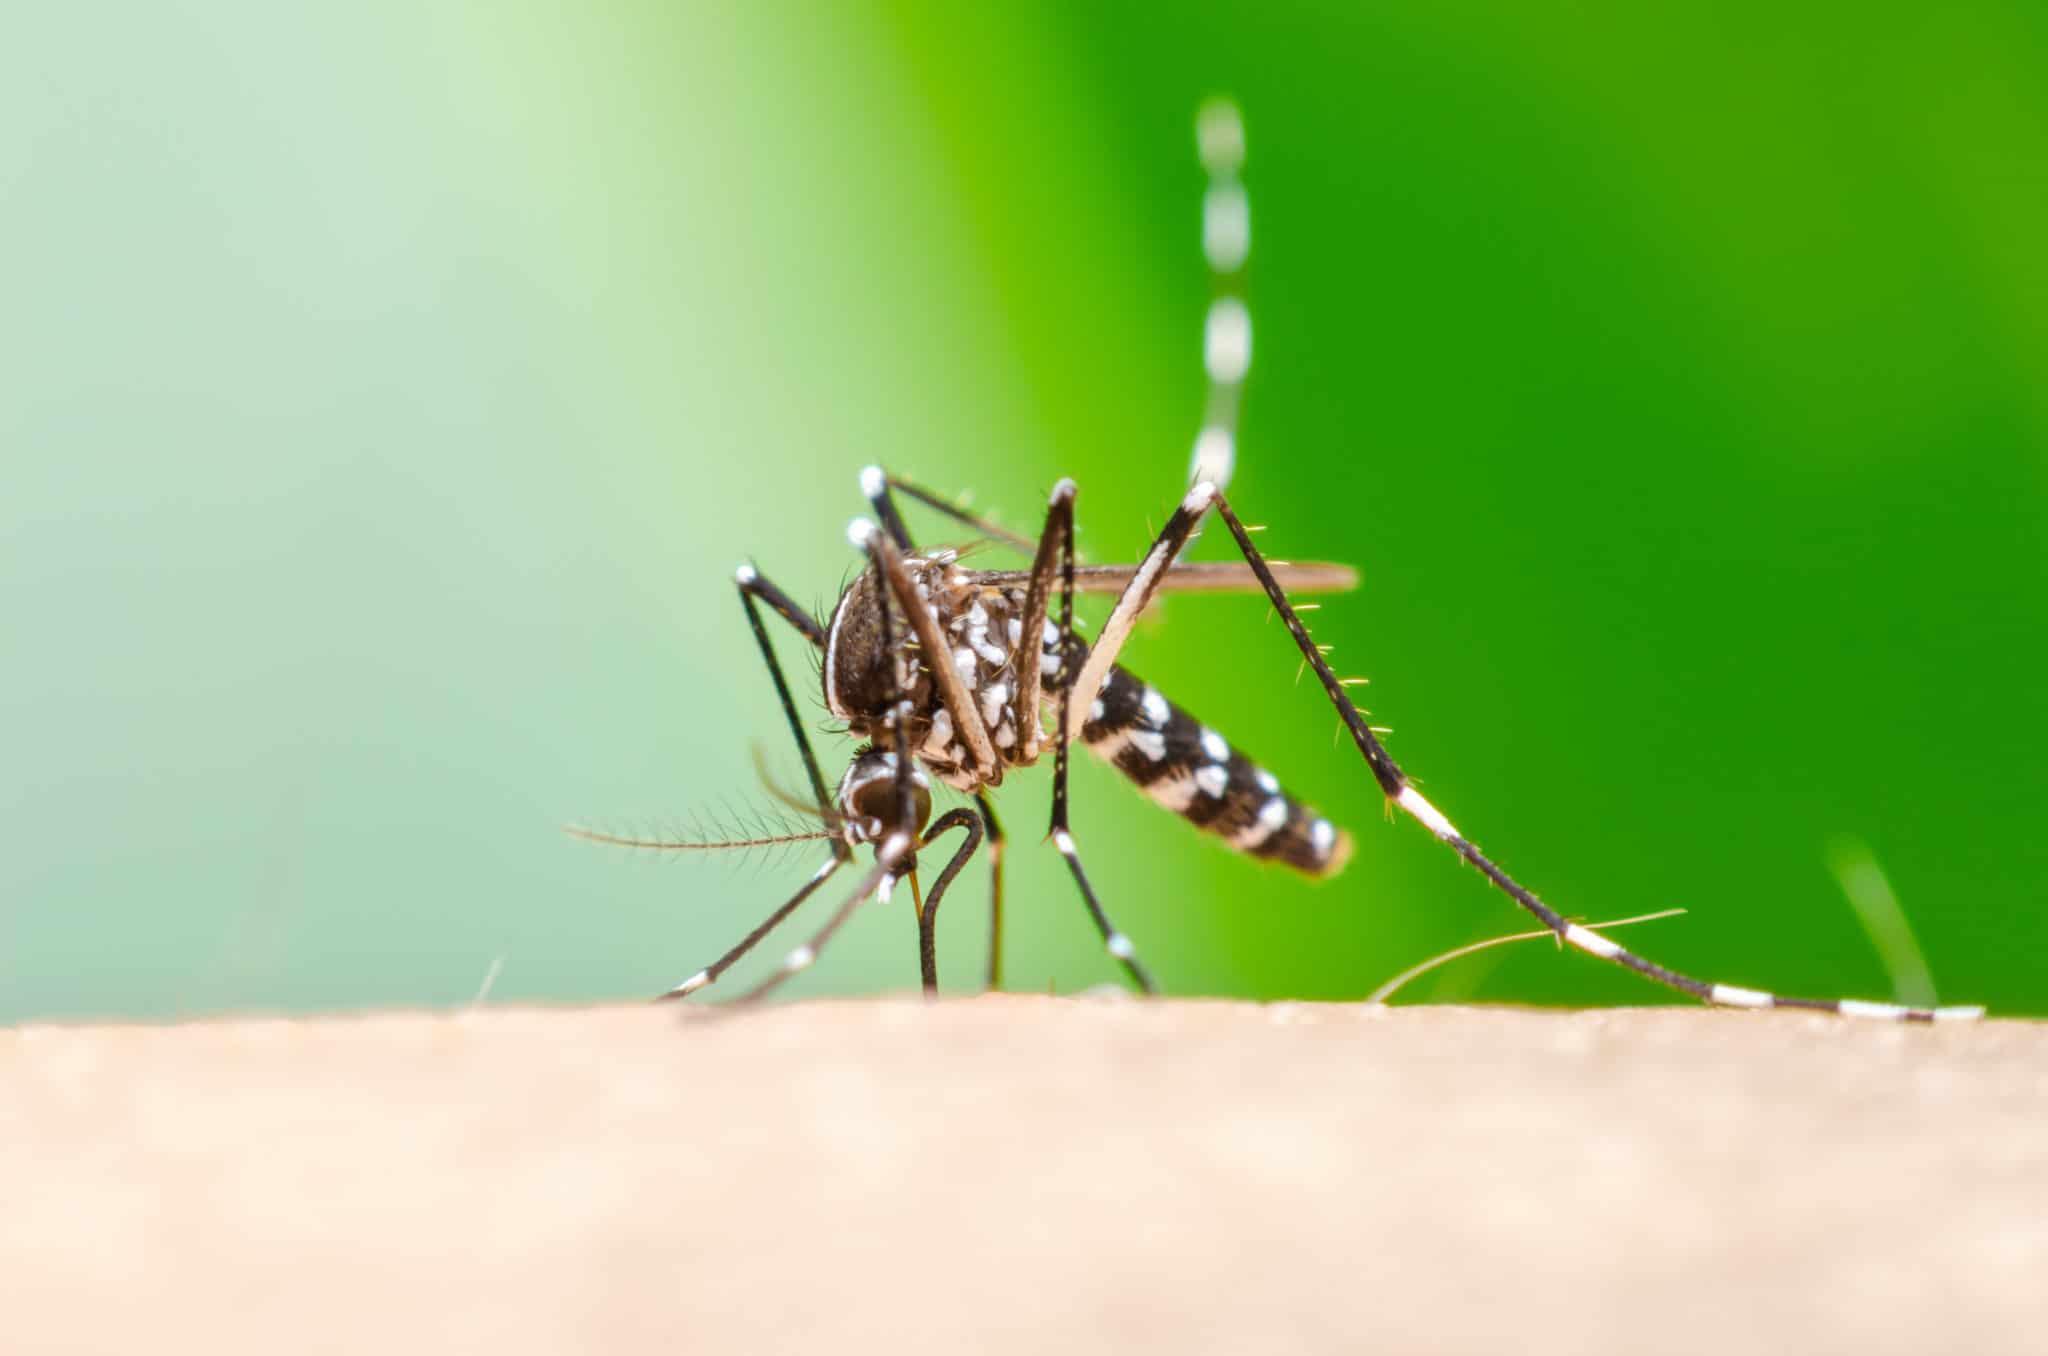 Stop mosquito bite